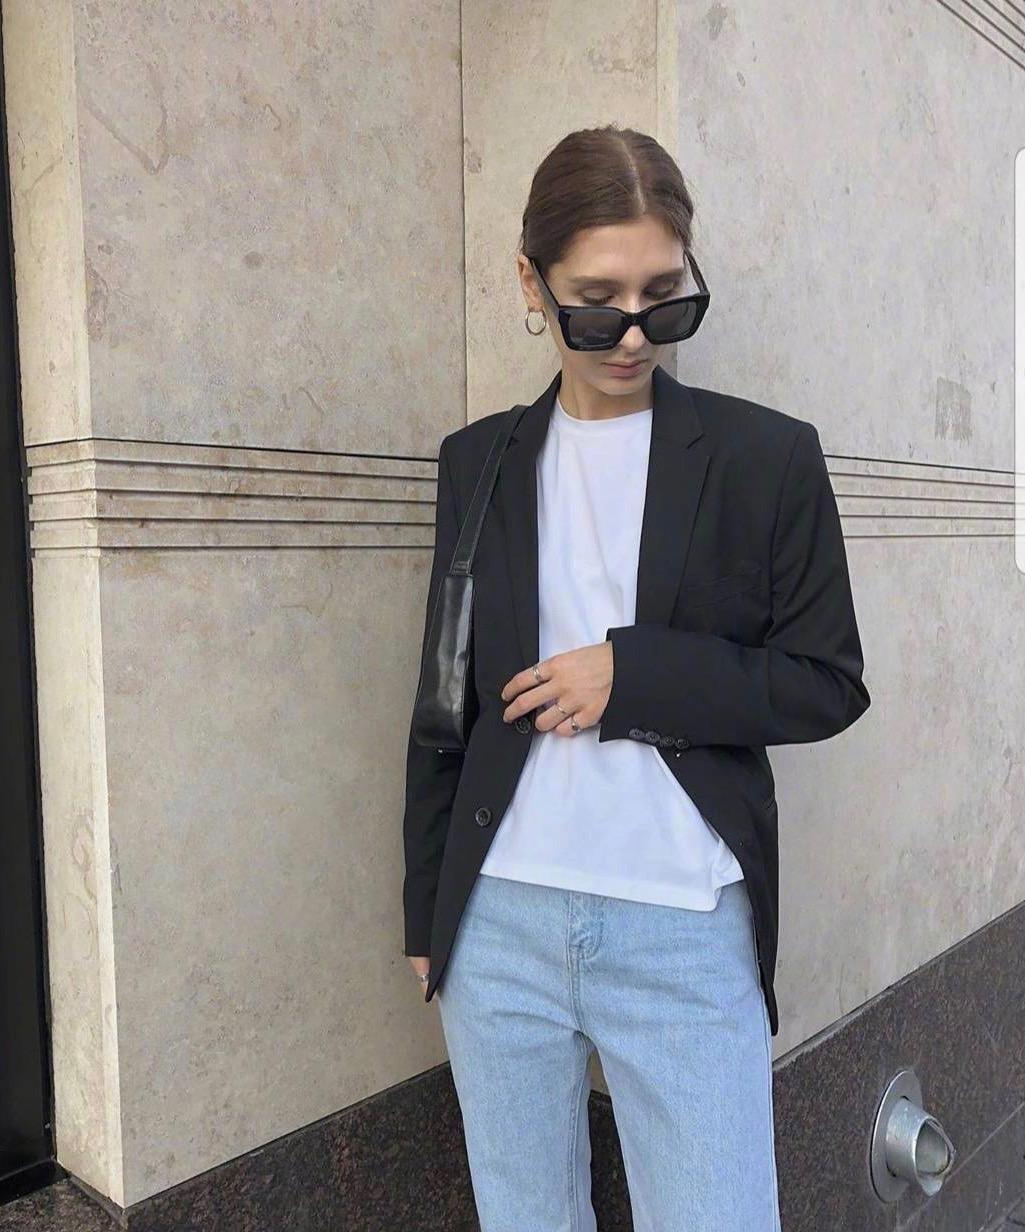 原创T恤好穿但不好看?时髦星人在线鄙视:穿搭tips用上了吗?